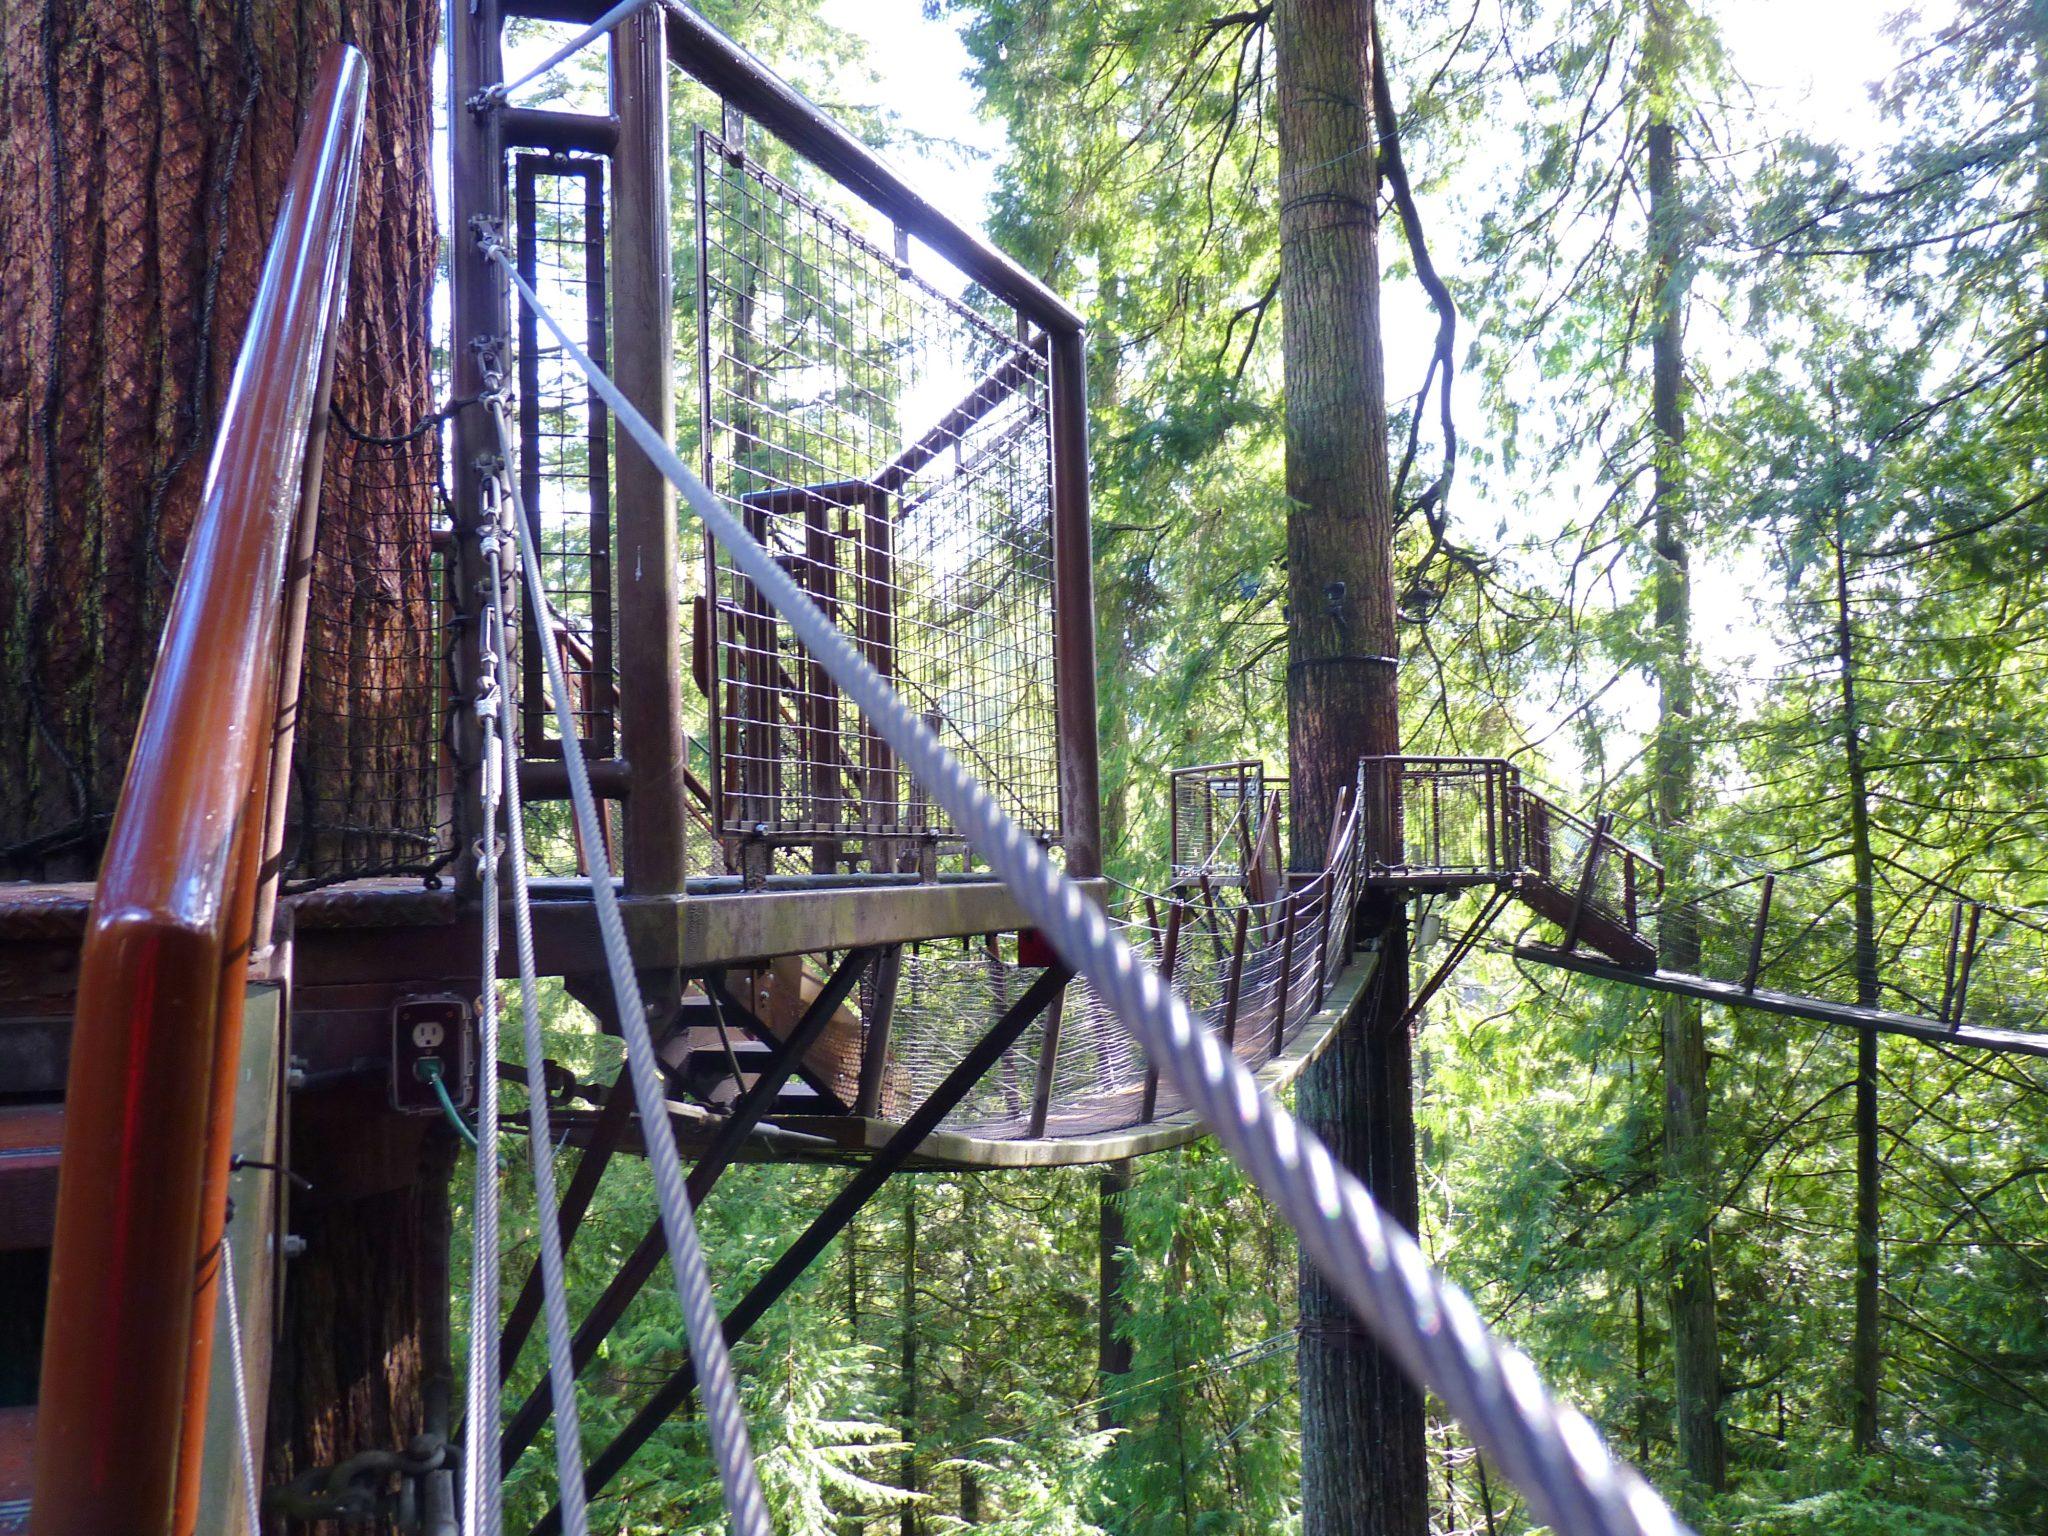 Treetops Adventure 02 Capilano Suspension Bridge Park Vancouver Canadá Mundo Indefinido